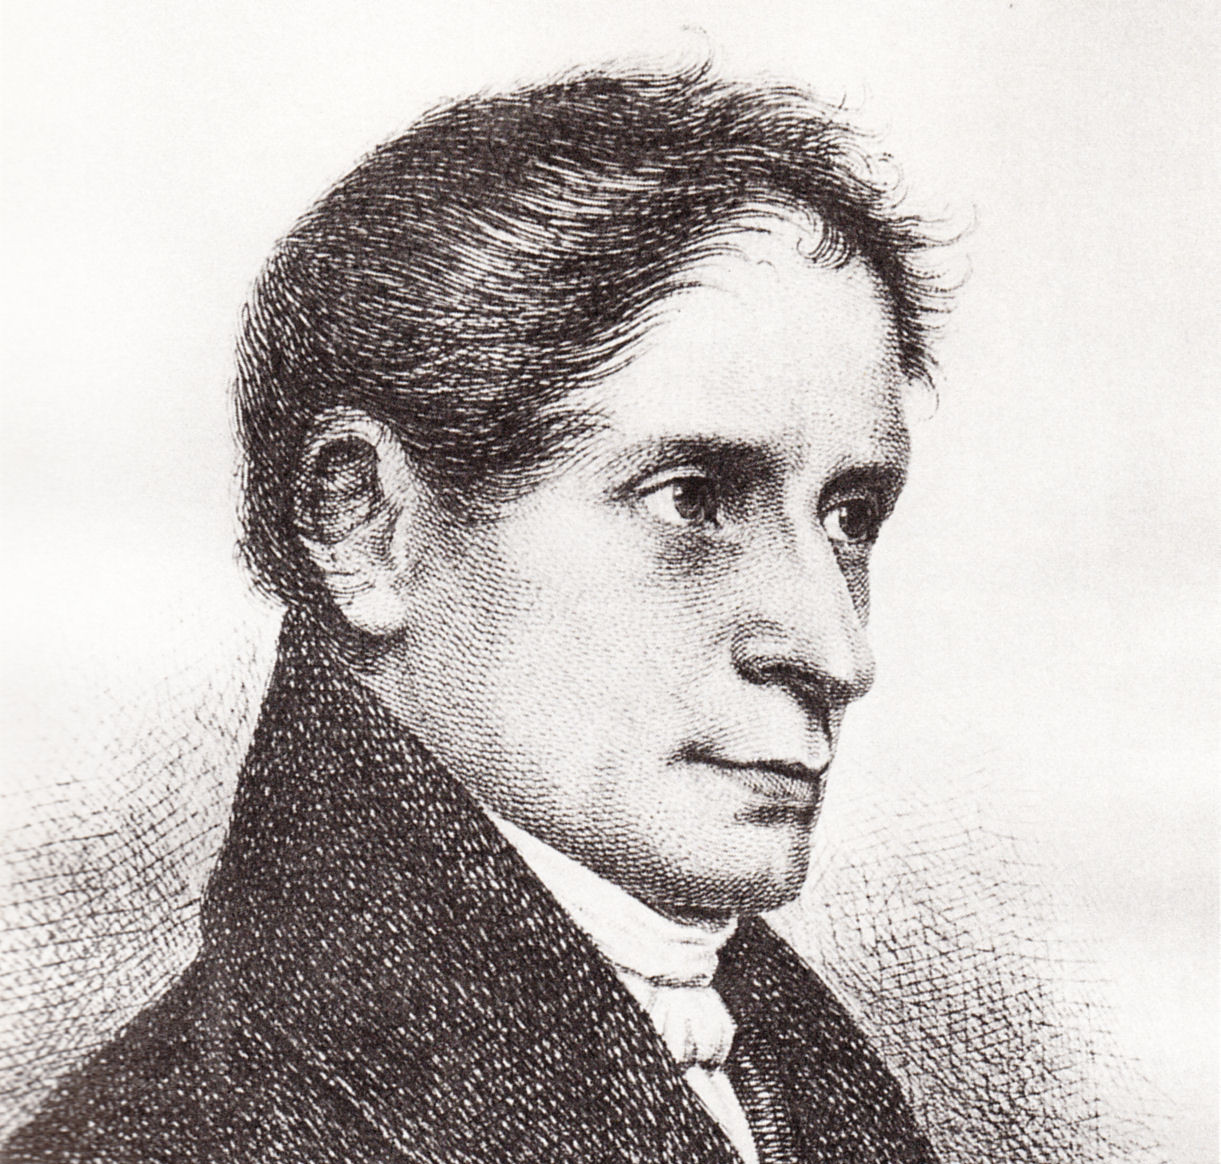 Joseph von Eichendorff (45)